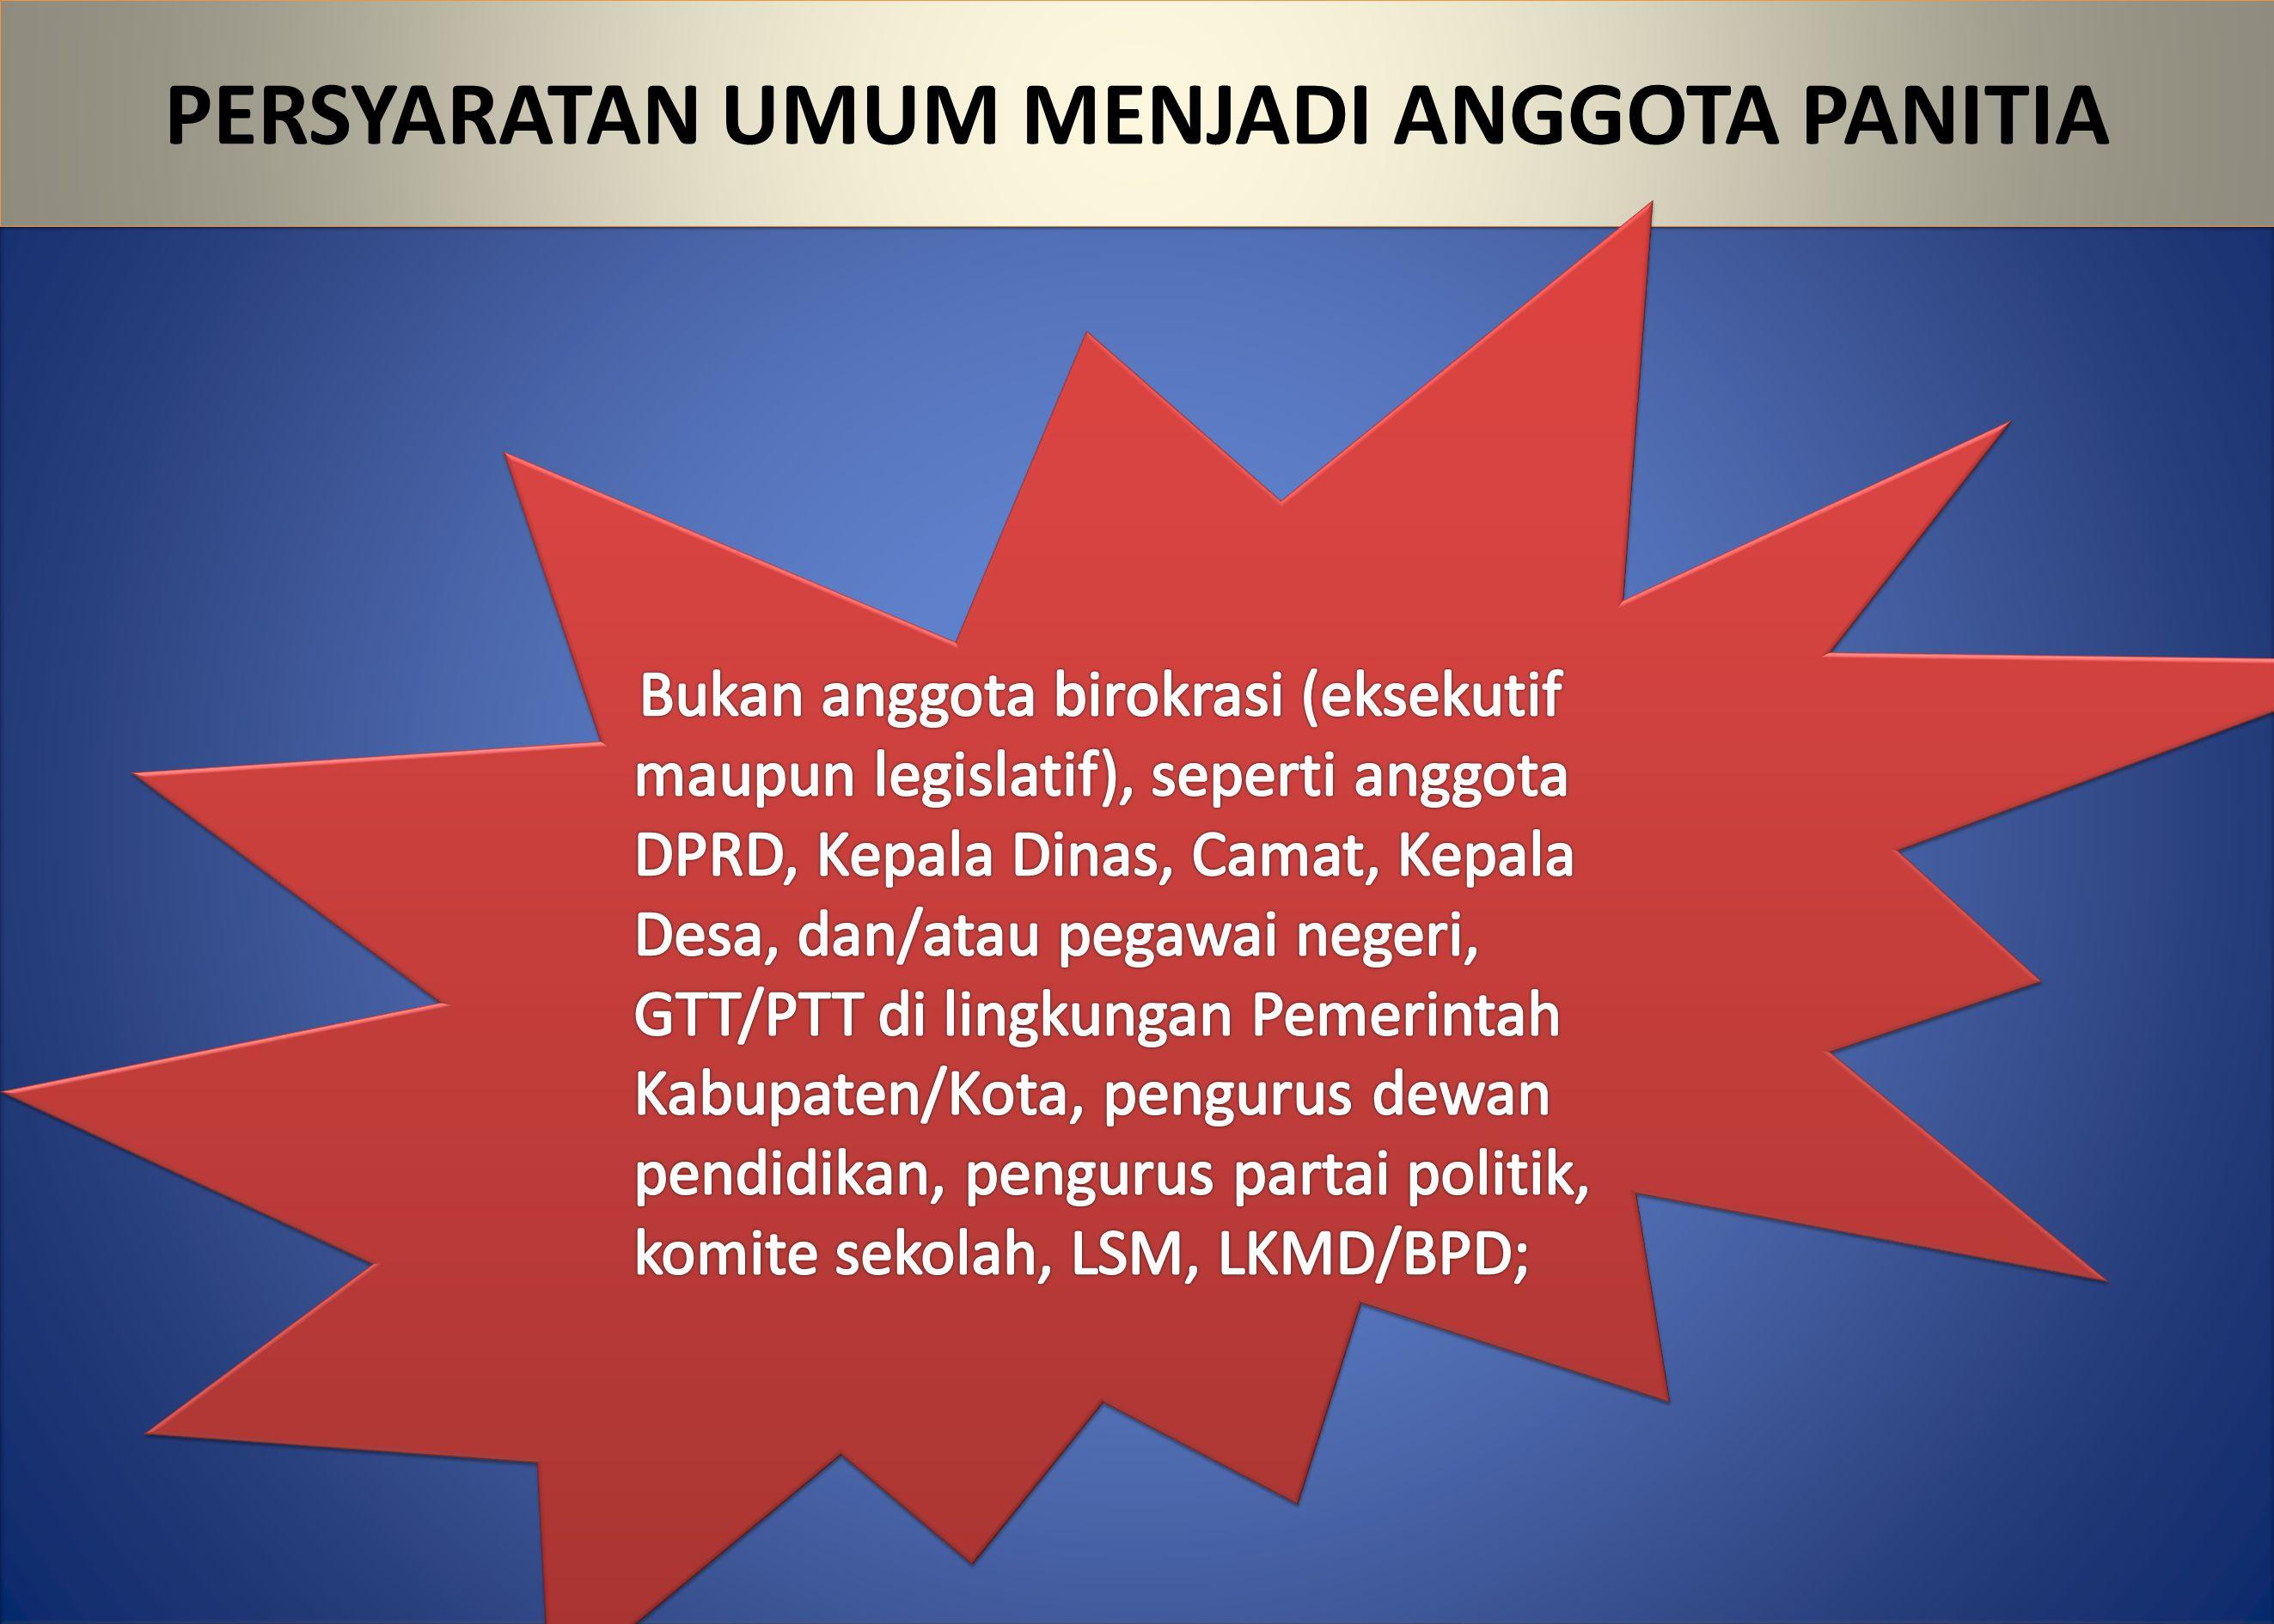 a Penanggung Jawab, adalah kepala sekolah penerima Dana Alokasi Khusus (DAK) yang bersangkutan.